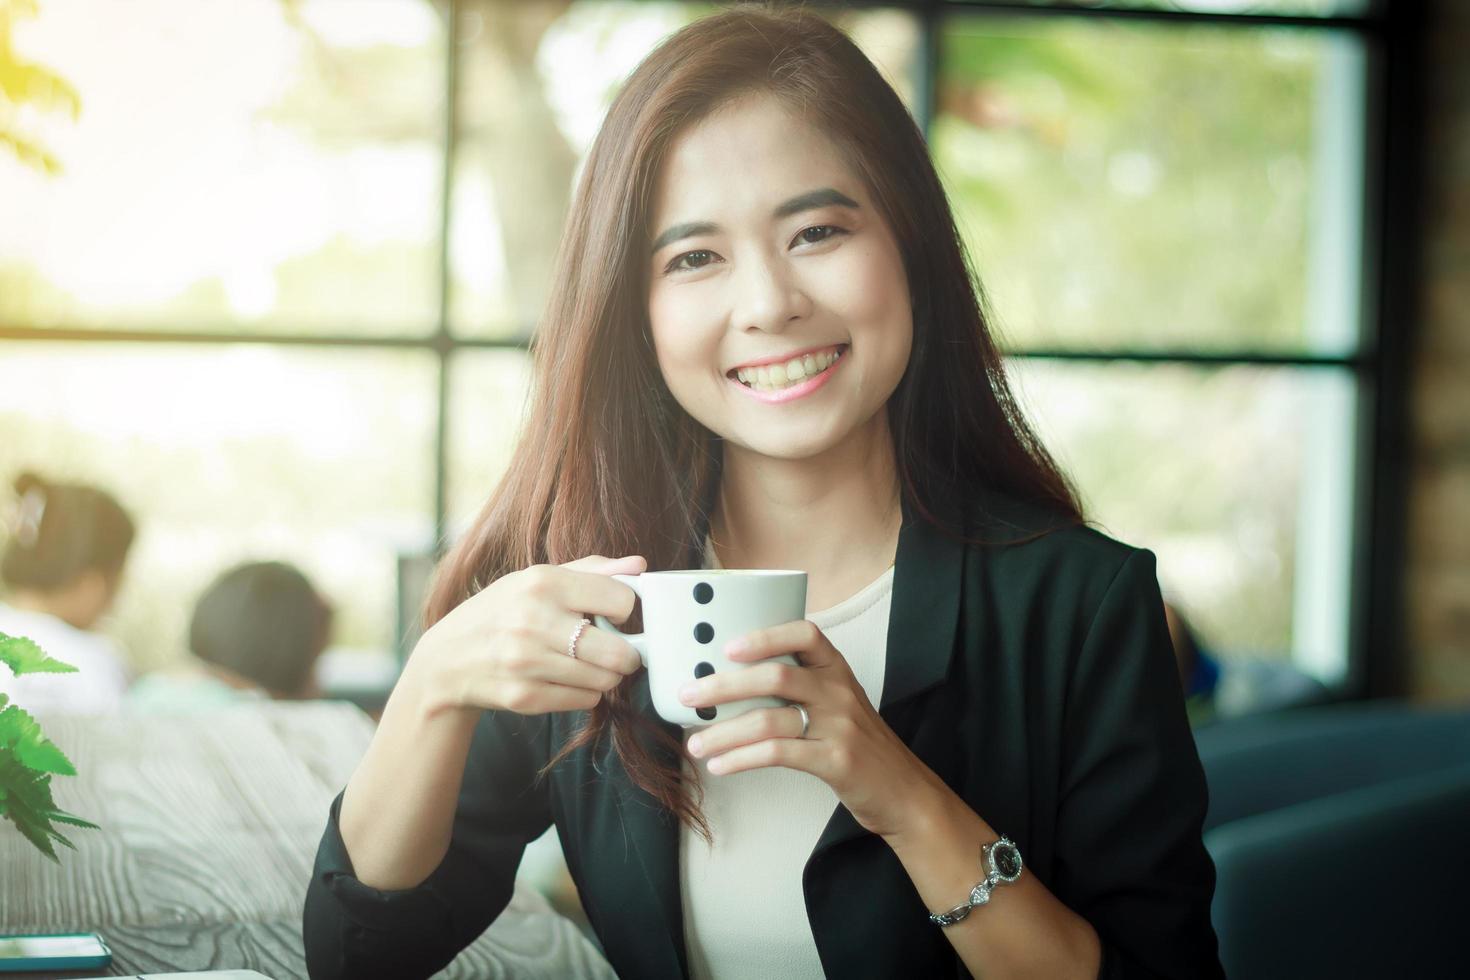 femme d'affaires asiatique sourit photo